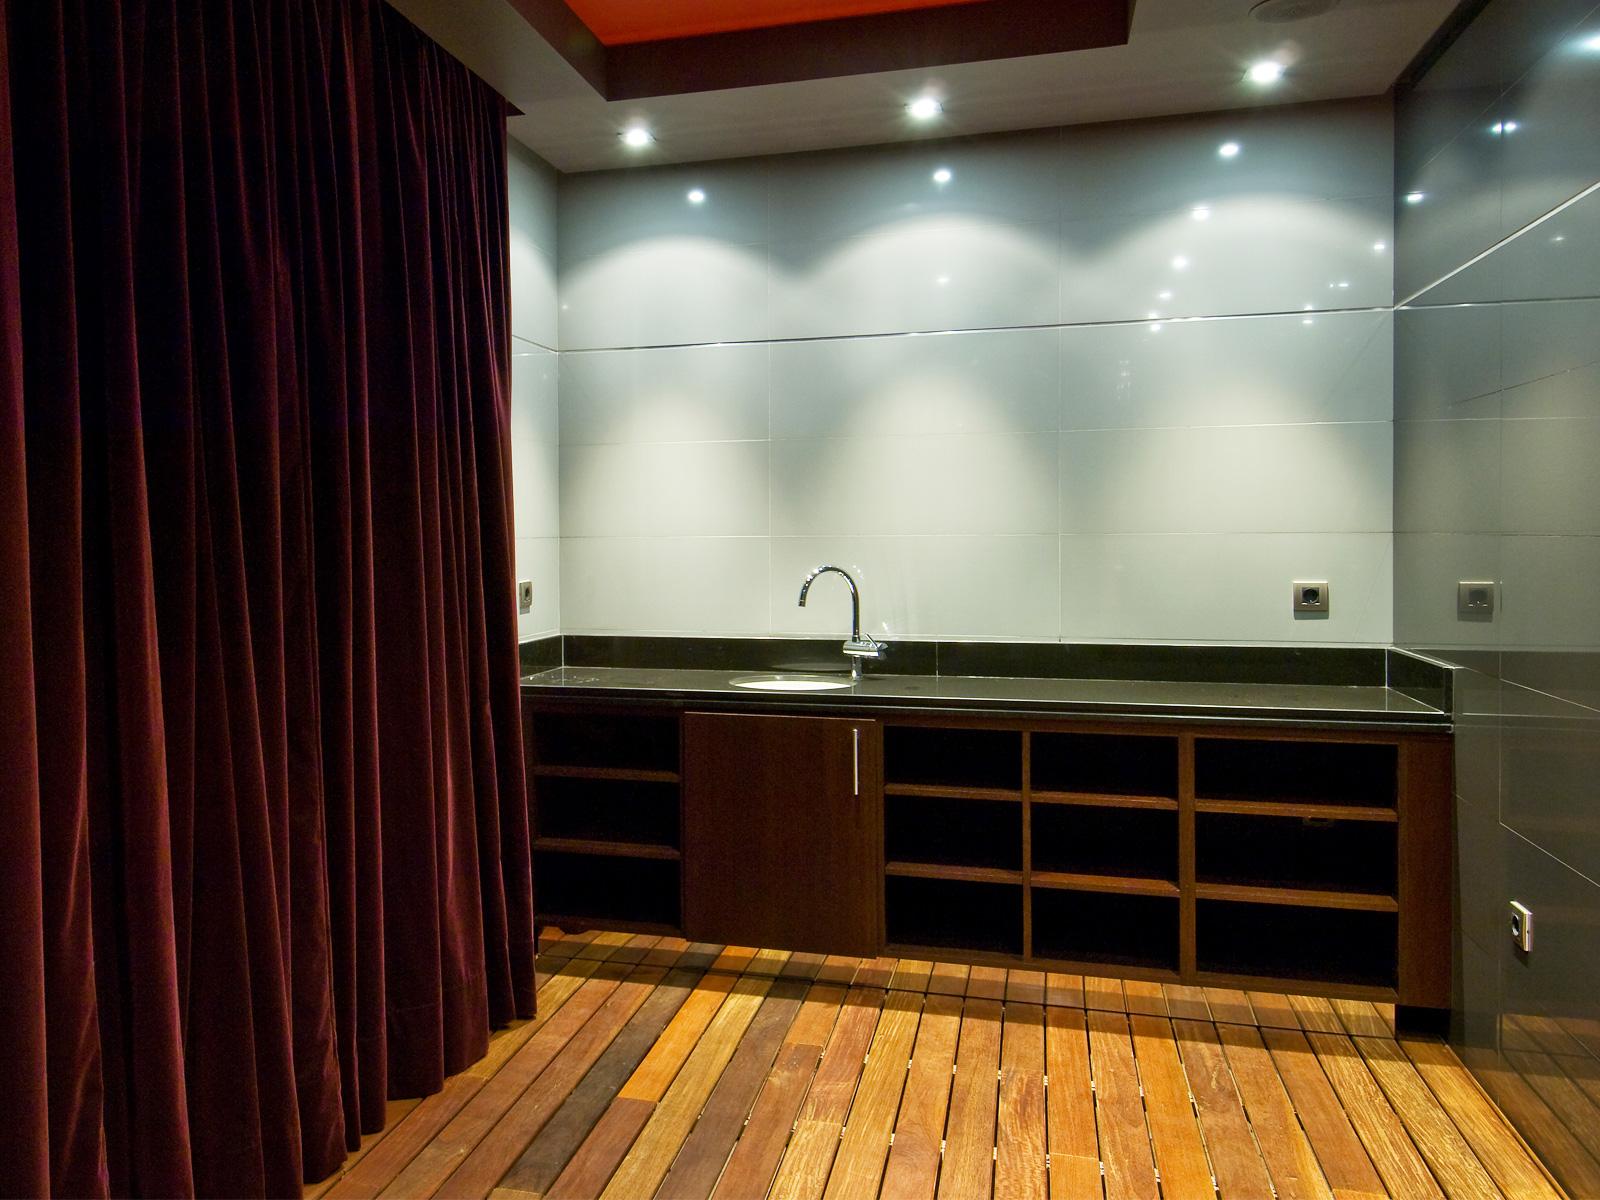 Interior-Hotel Valladolid Frontaura - Vincci Hoteles